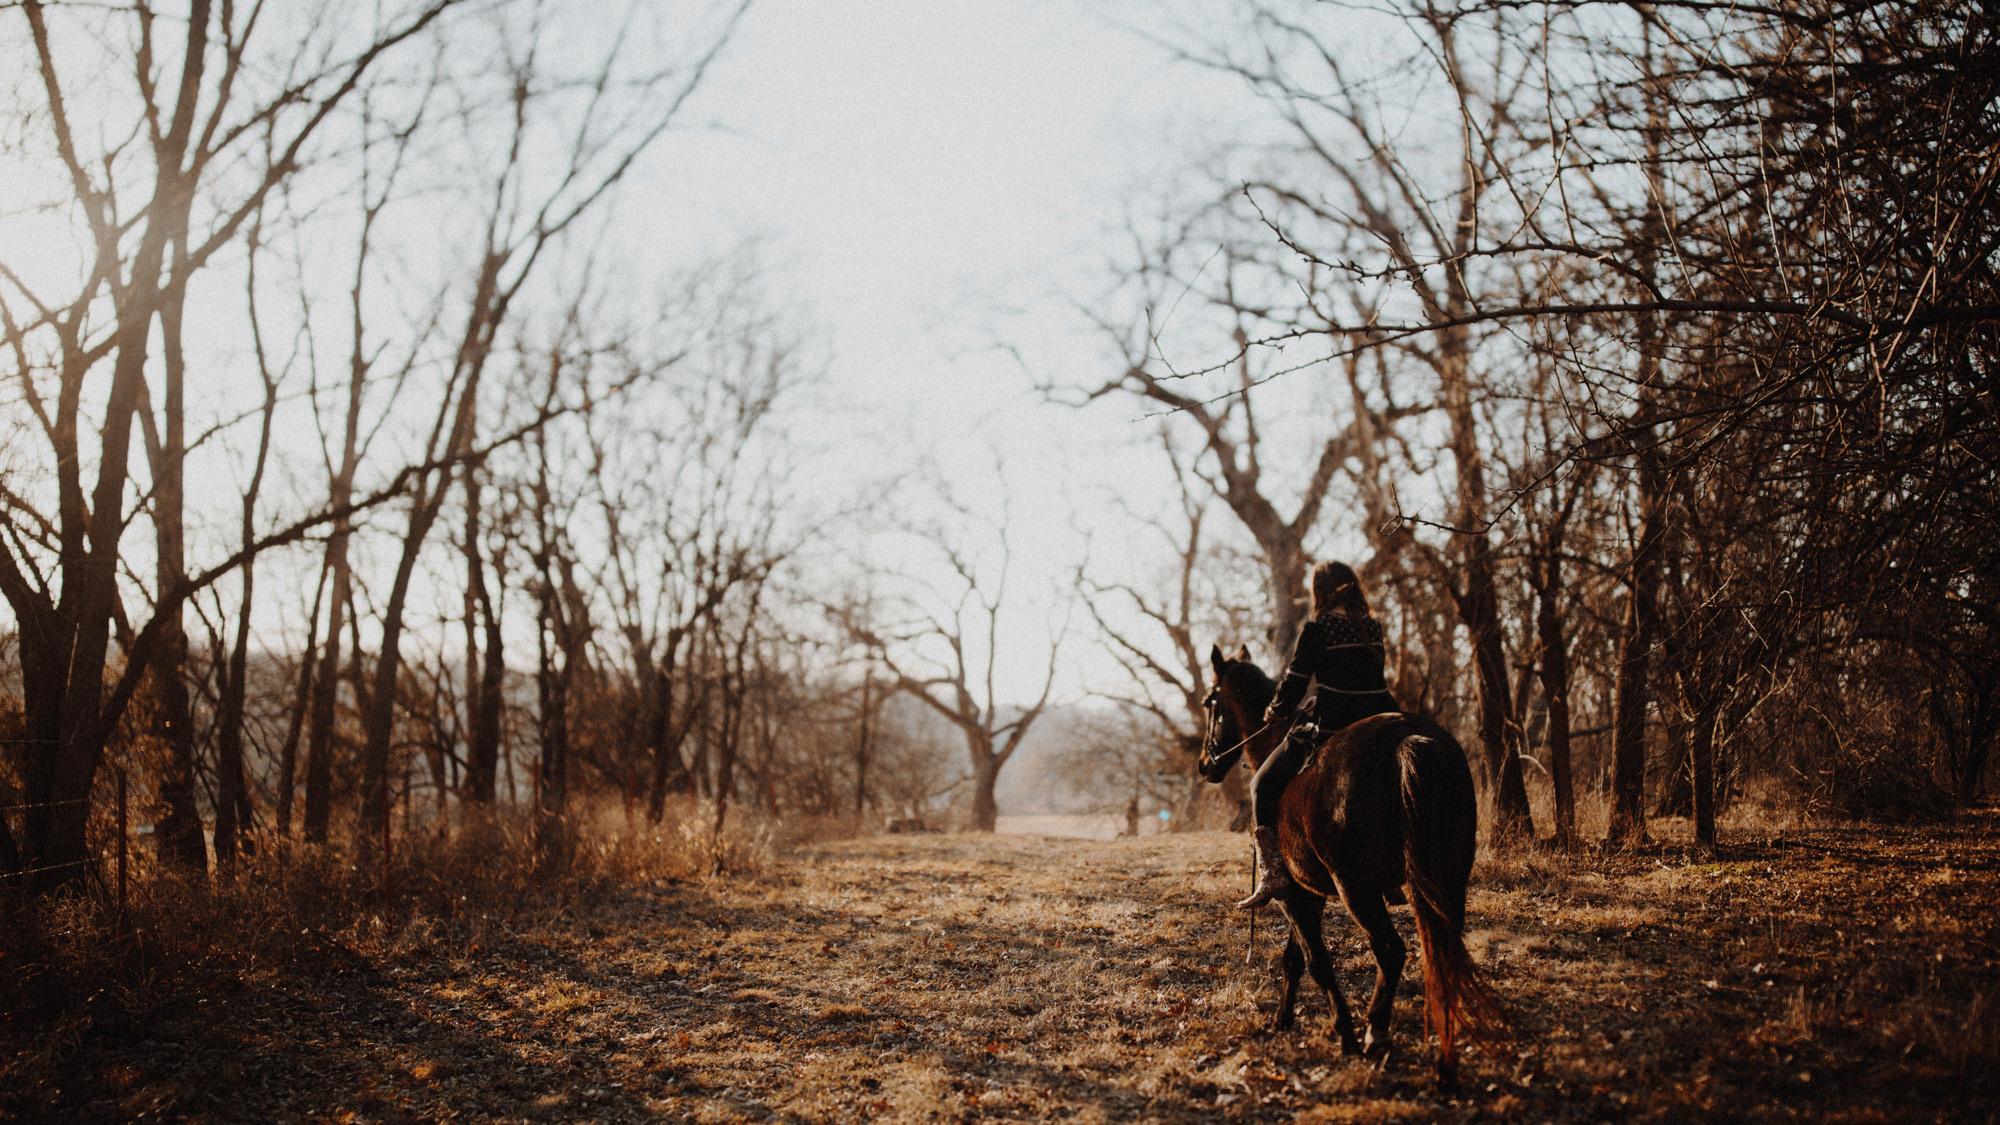 alec_vanderboom_horses_online-0012.jpg